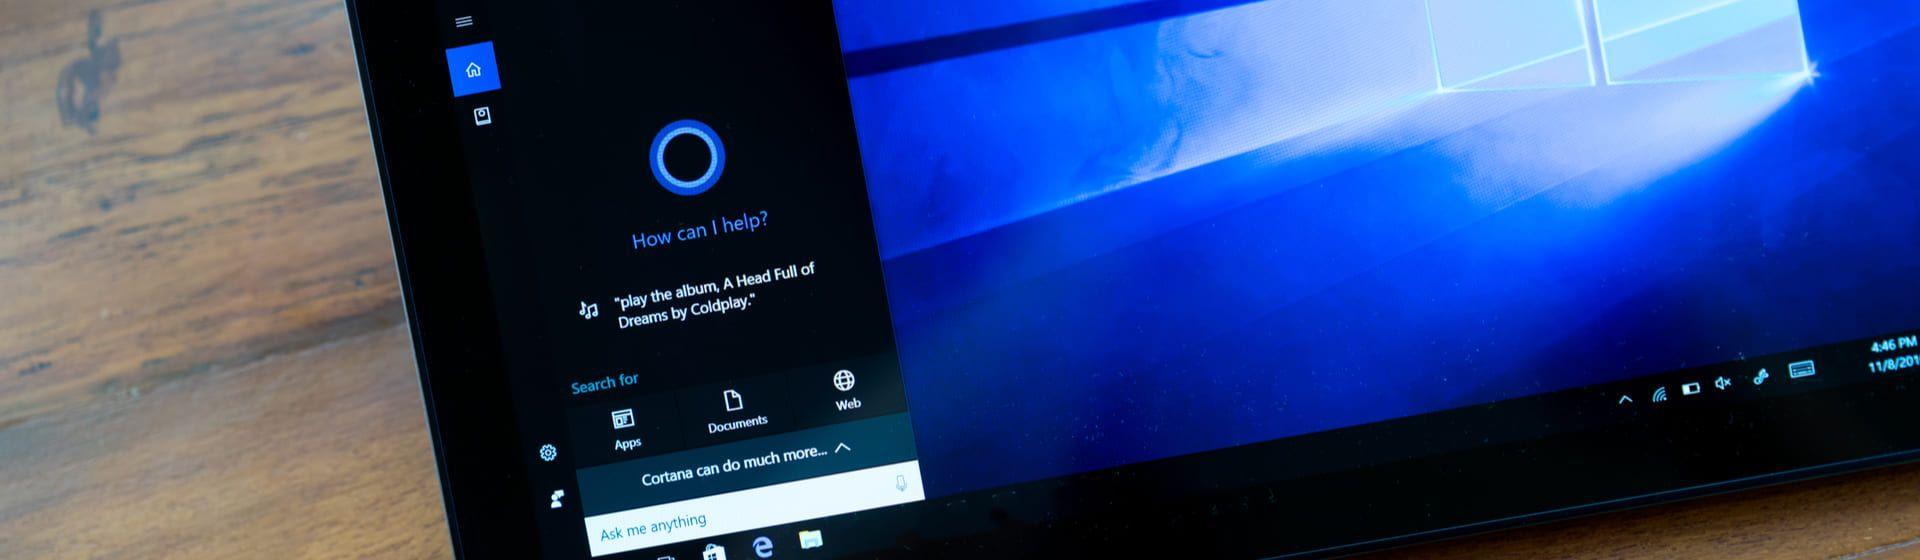 Desativar Cortana: como desligar a assistente do Windows